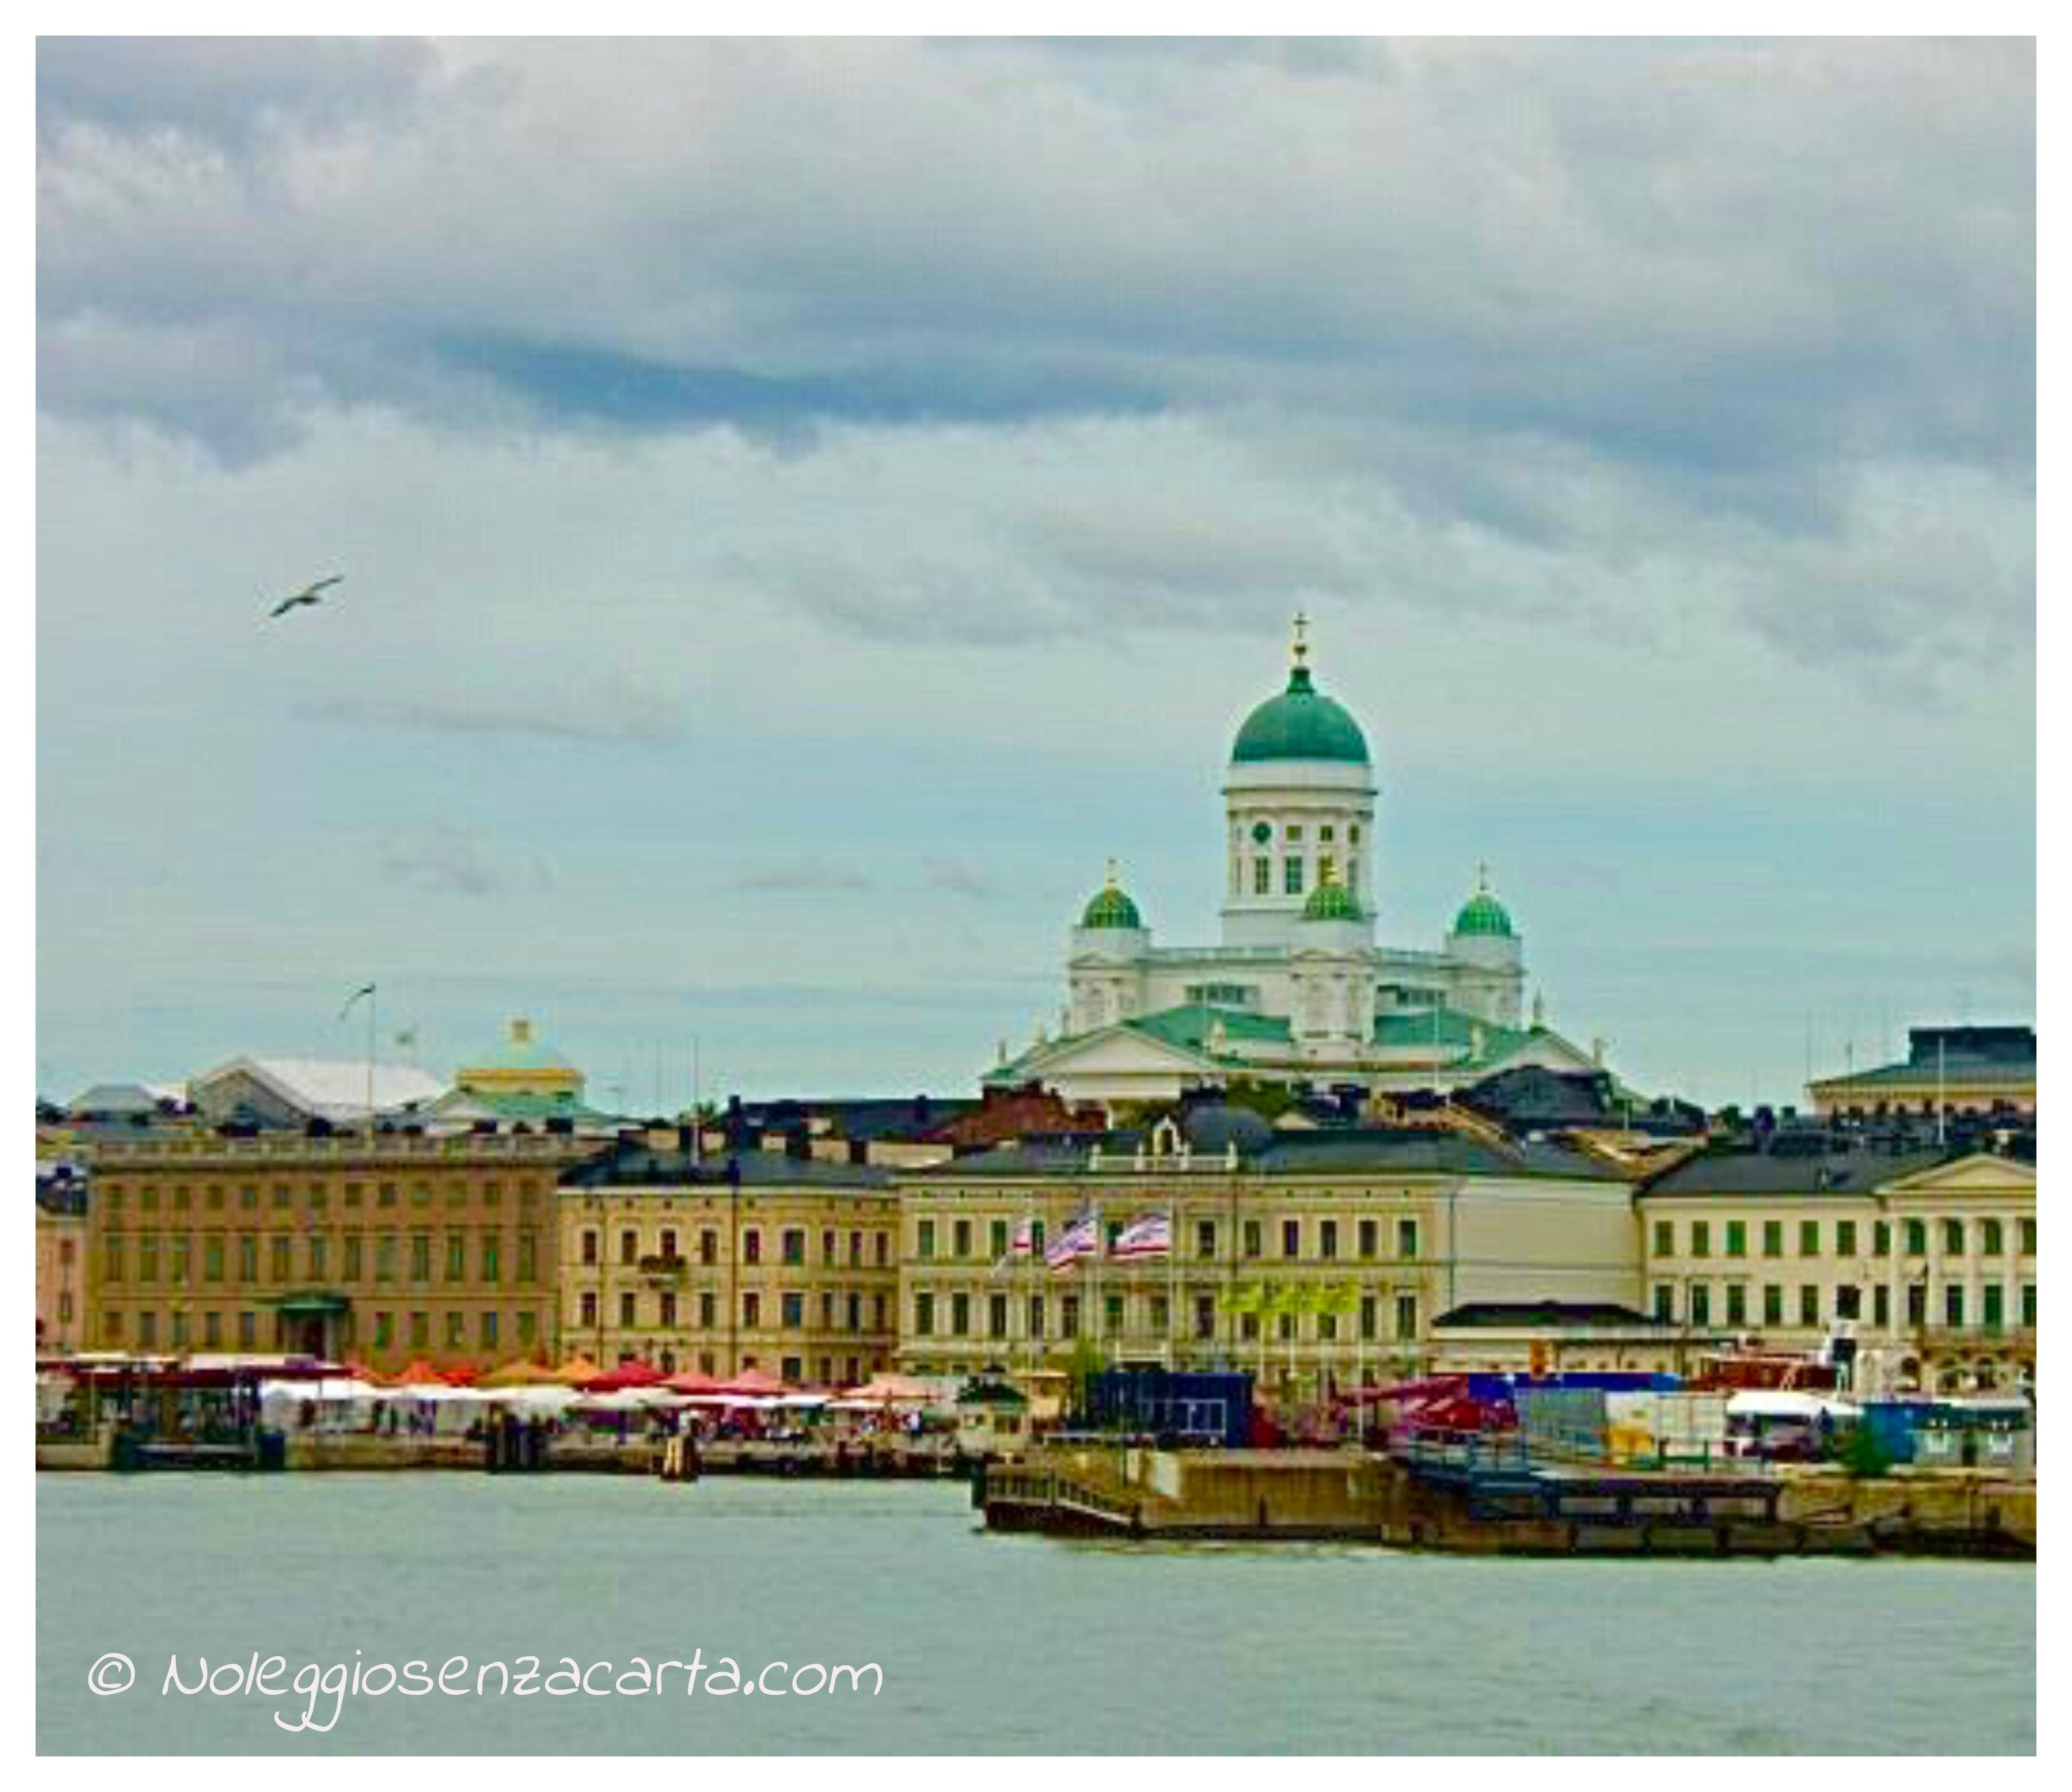 Noleggiare auto senza carta di credito a Helsinki – Finlandia